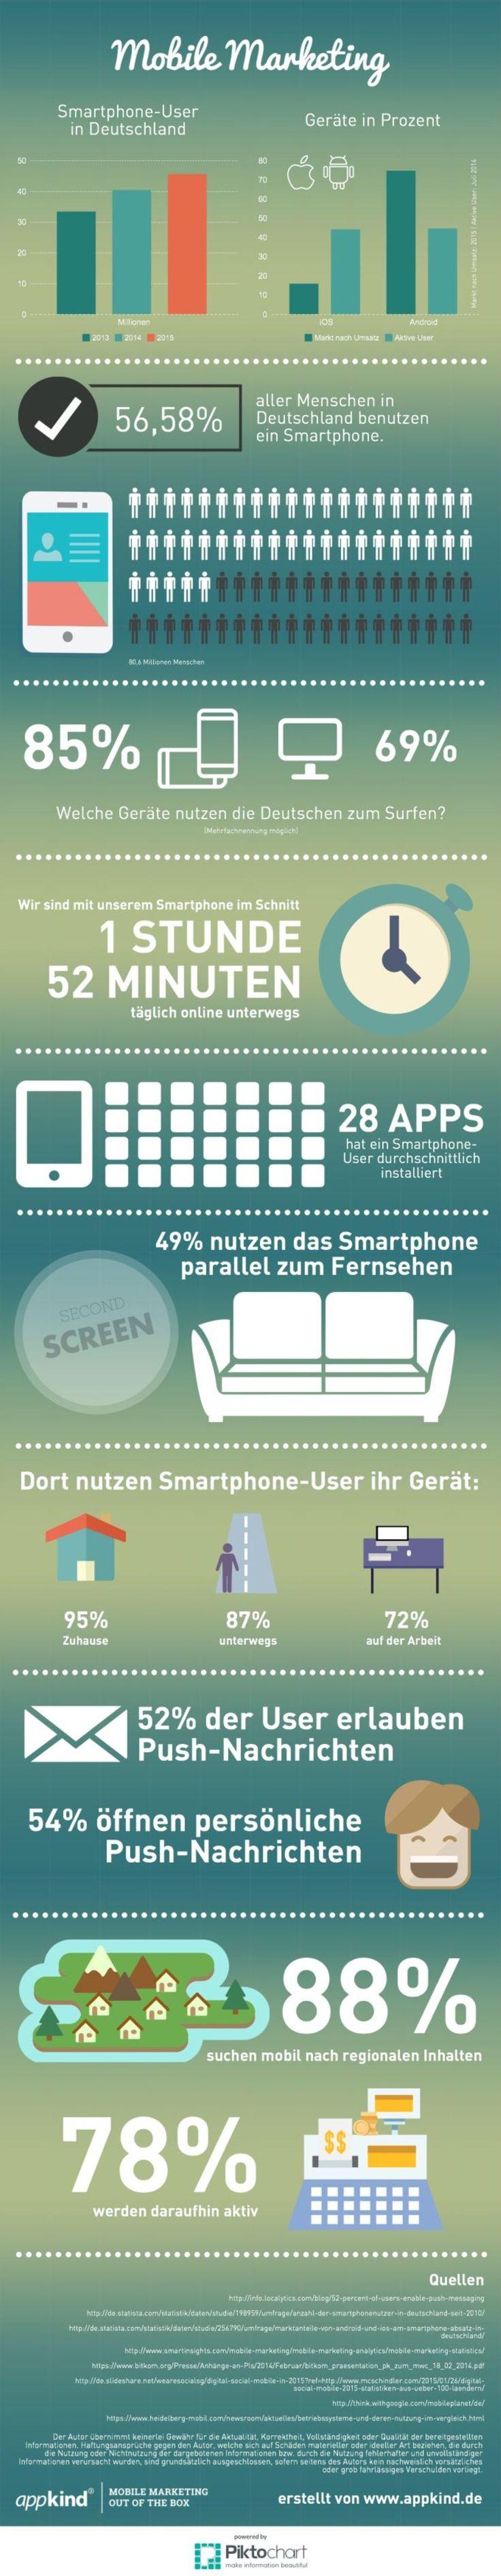 Das sollten Sie über Mobile Marketing wissen